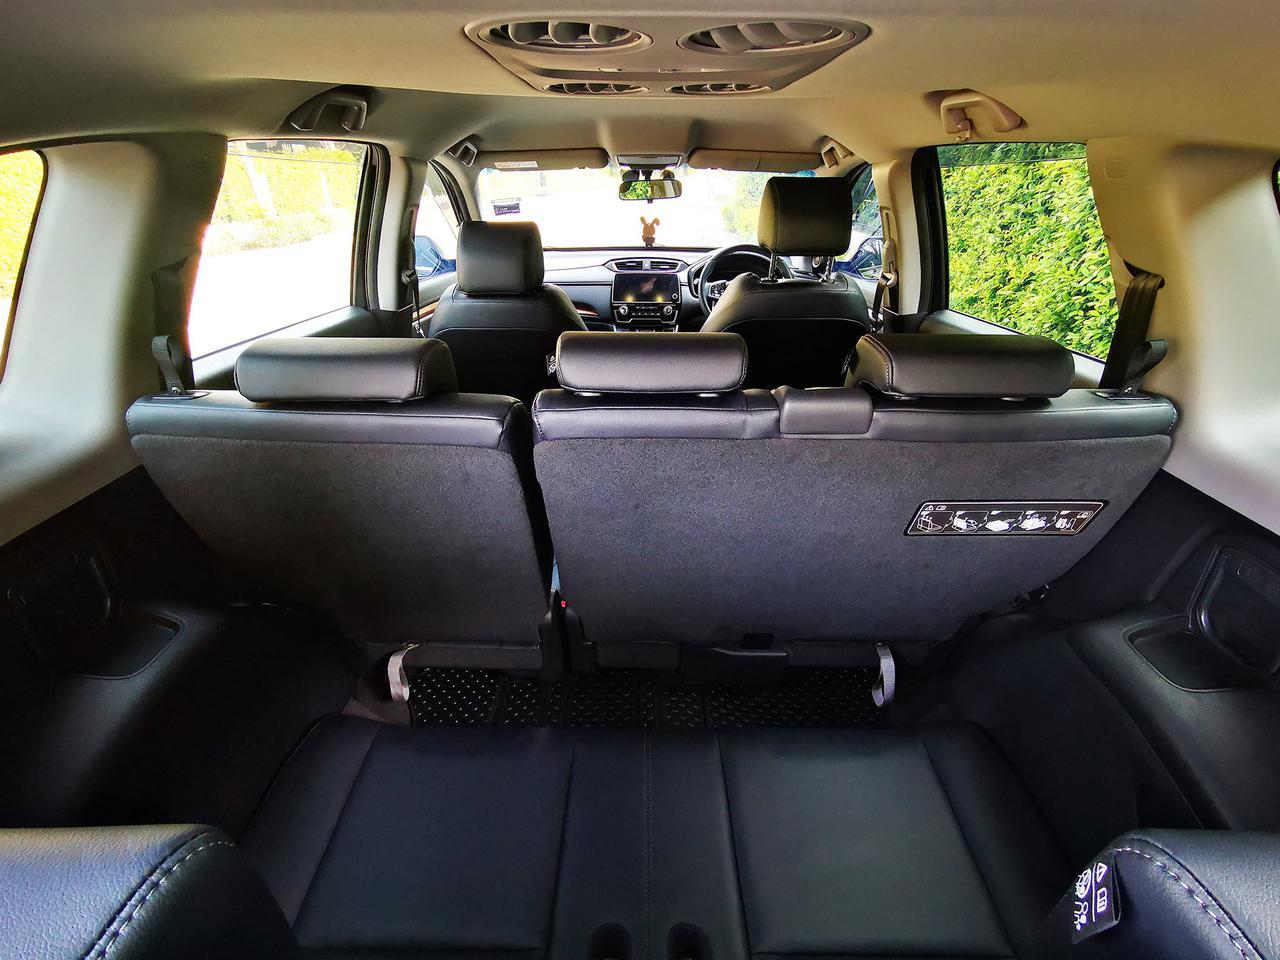 ขายรถ Honda CR-V 1.6 EL ปี 2019 สีดำ รุ่นท๊อปสุด เครื่องยนต์ดีเซล 4WD มือเดียว สภาพป้ายแดง รูปที่ 6